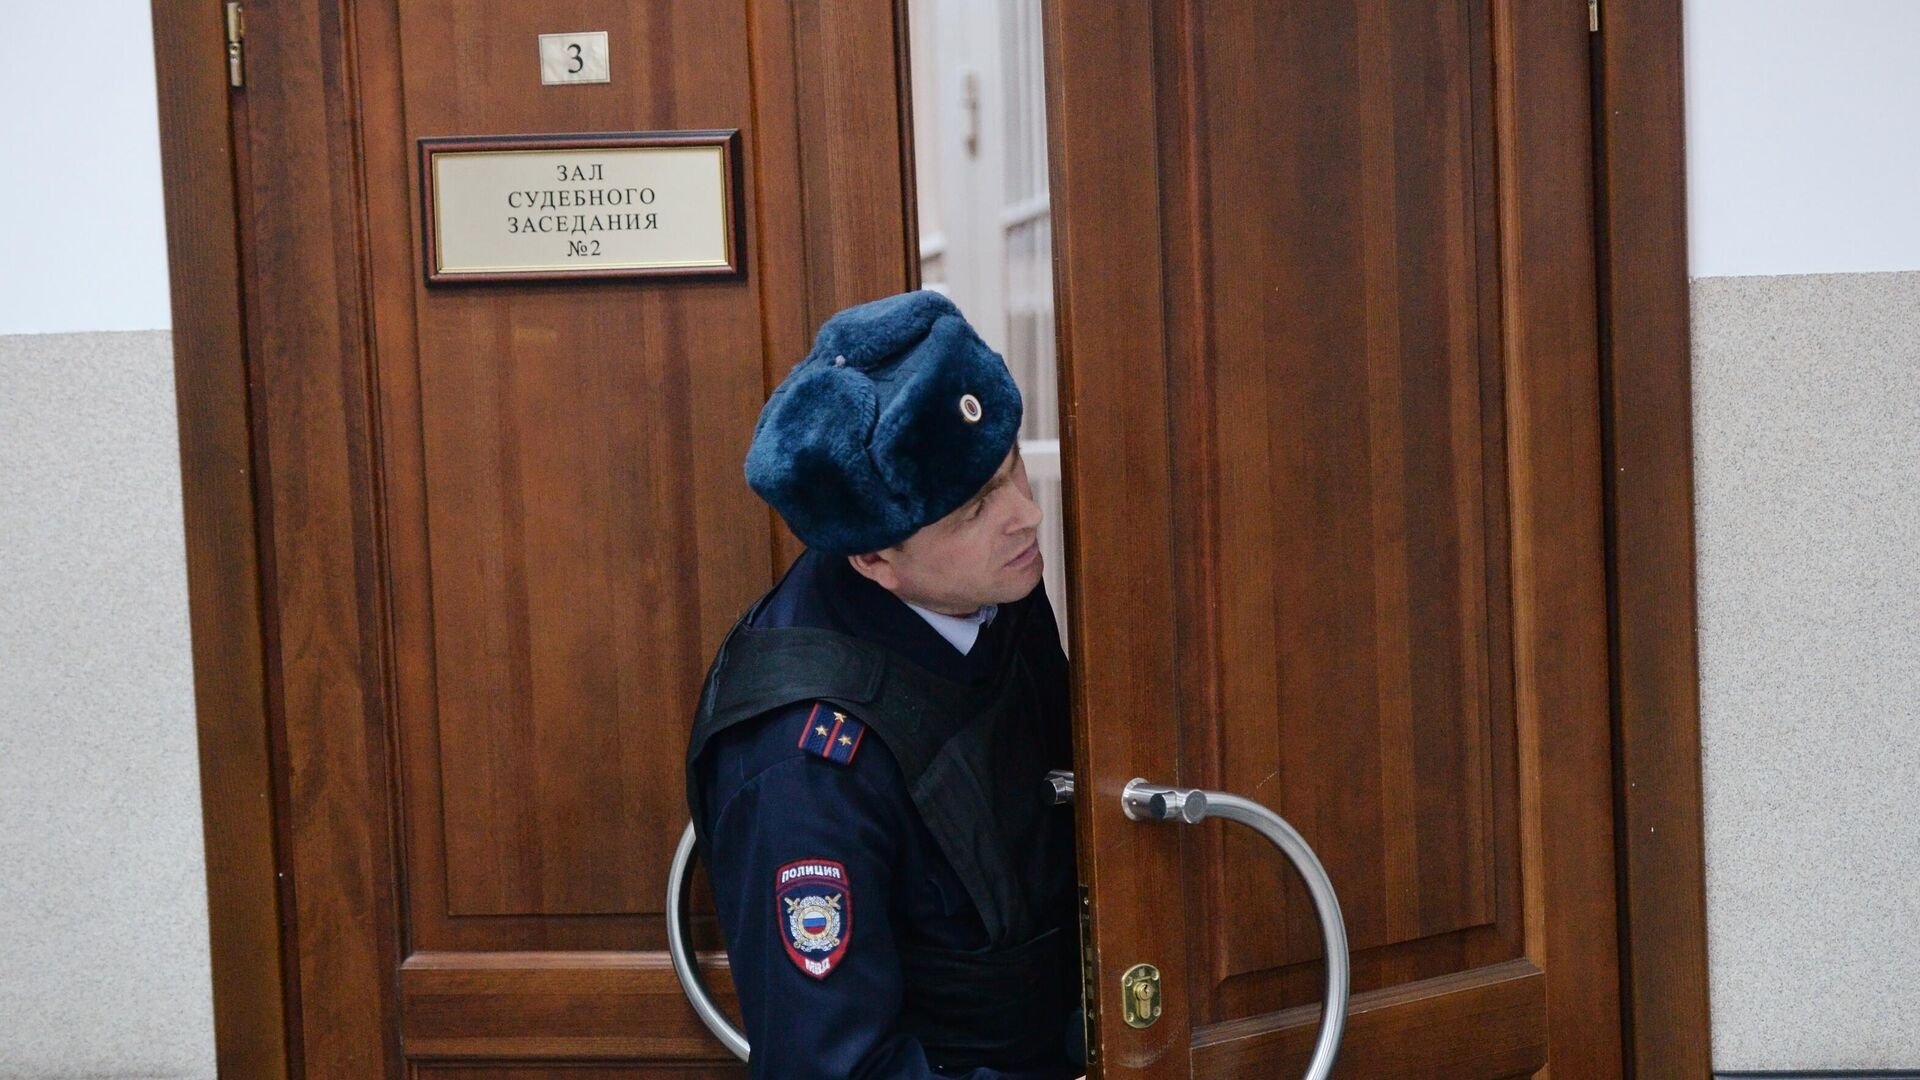 Сотрудник полиции выходит из зала судебных заеданий - РИА Новости, 1920, 05.03.2020